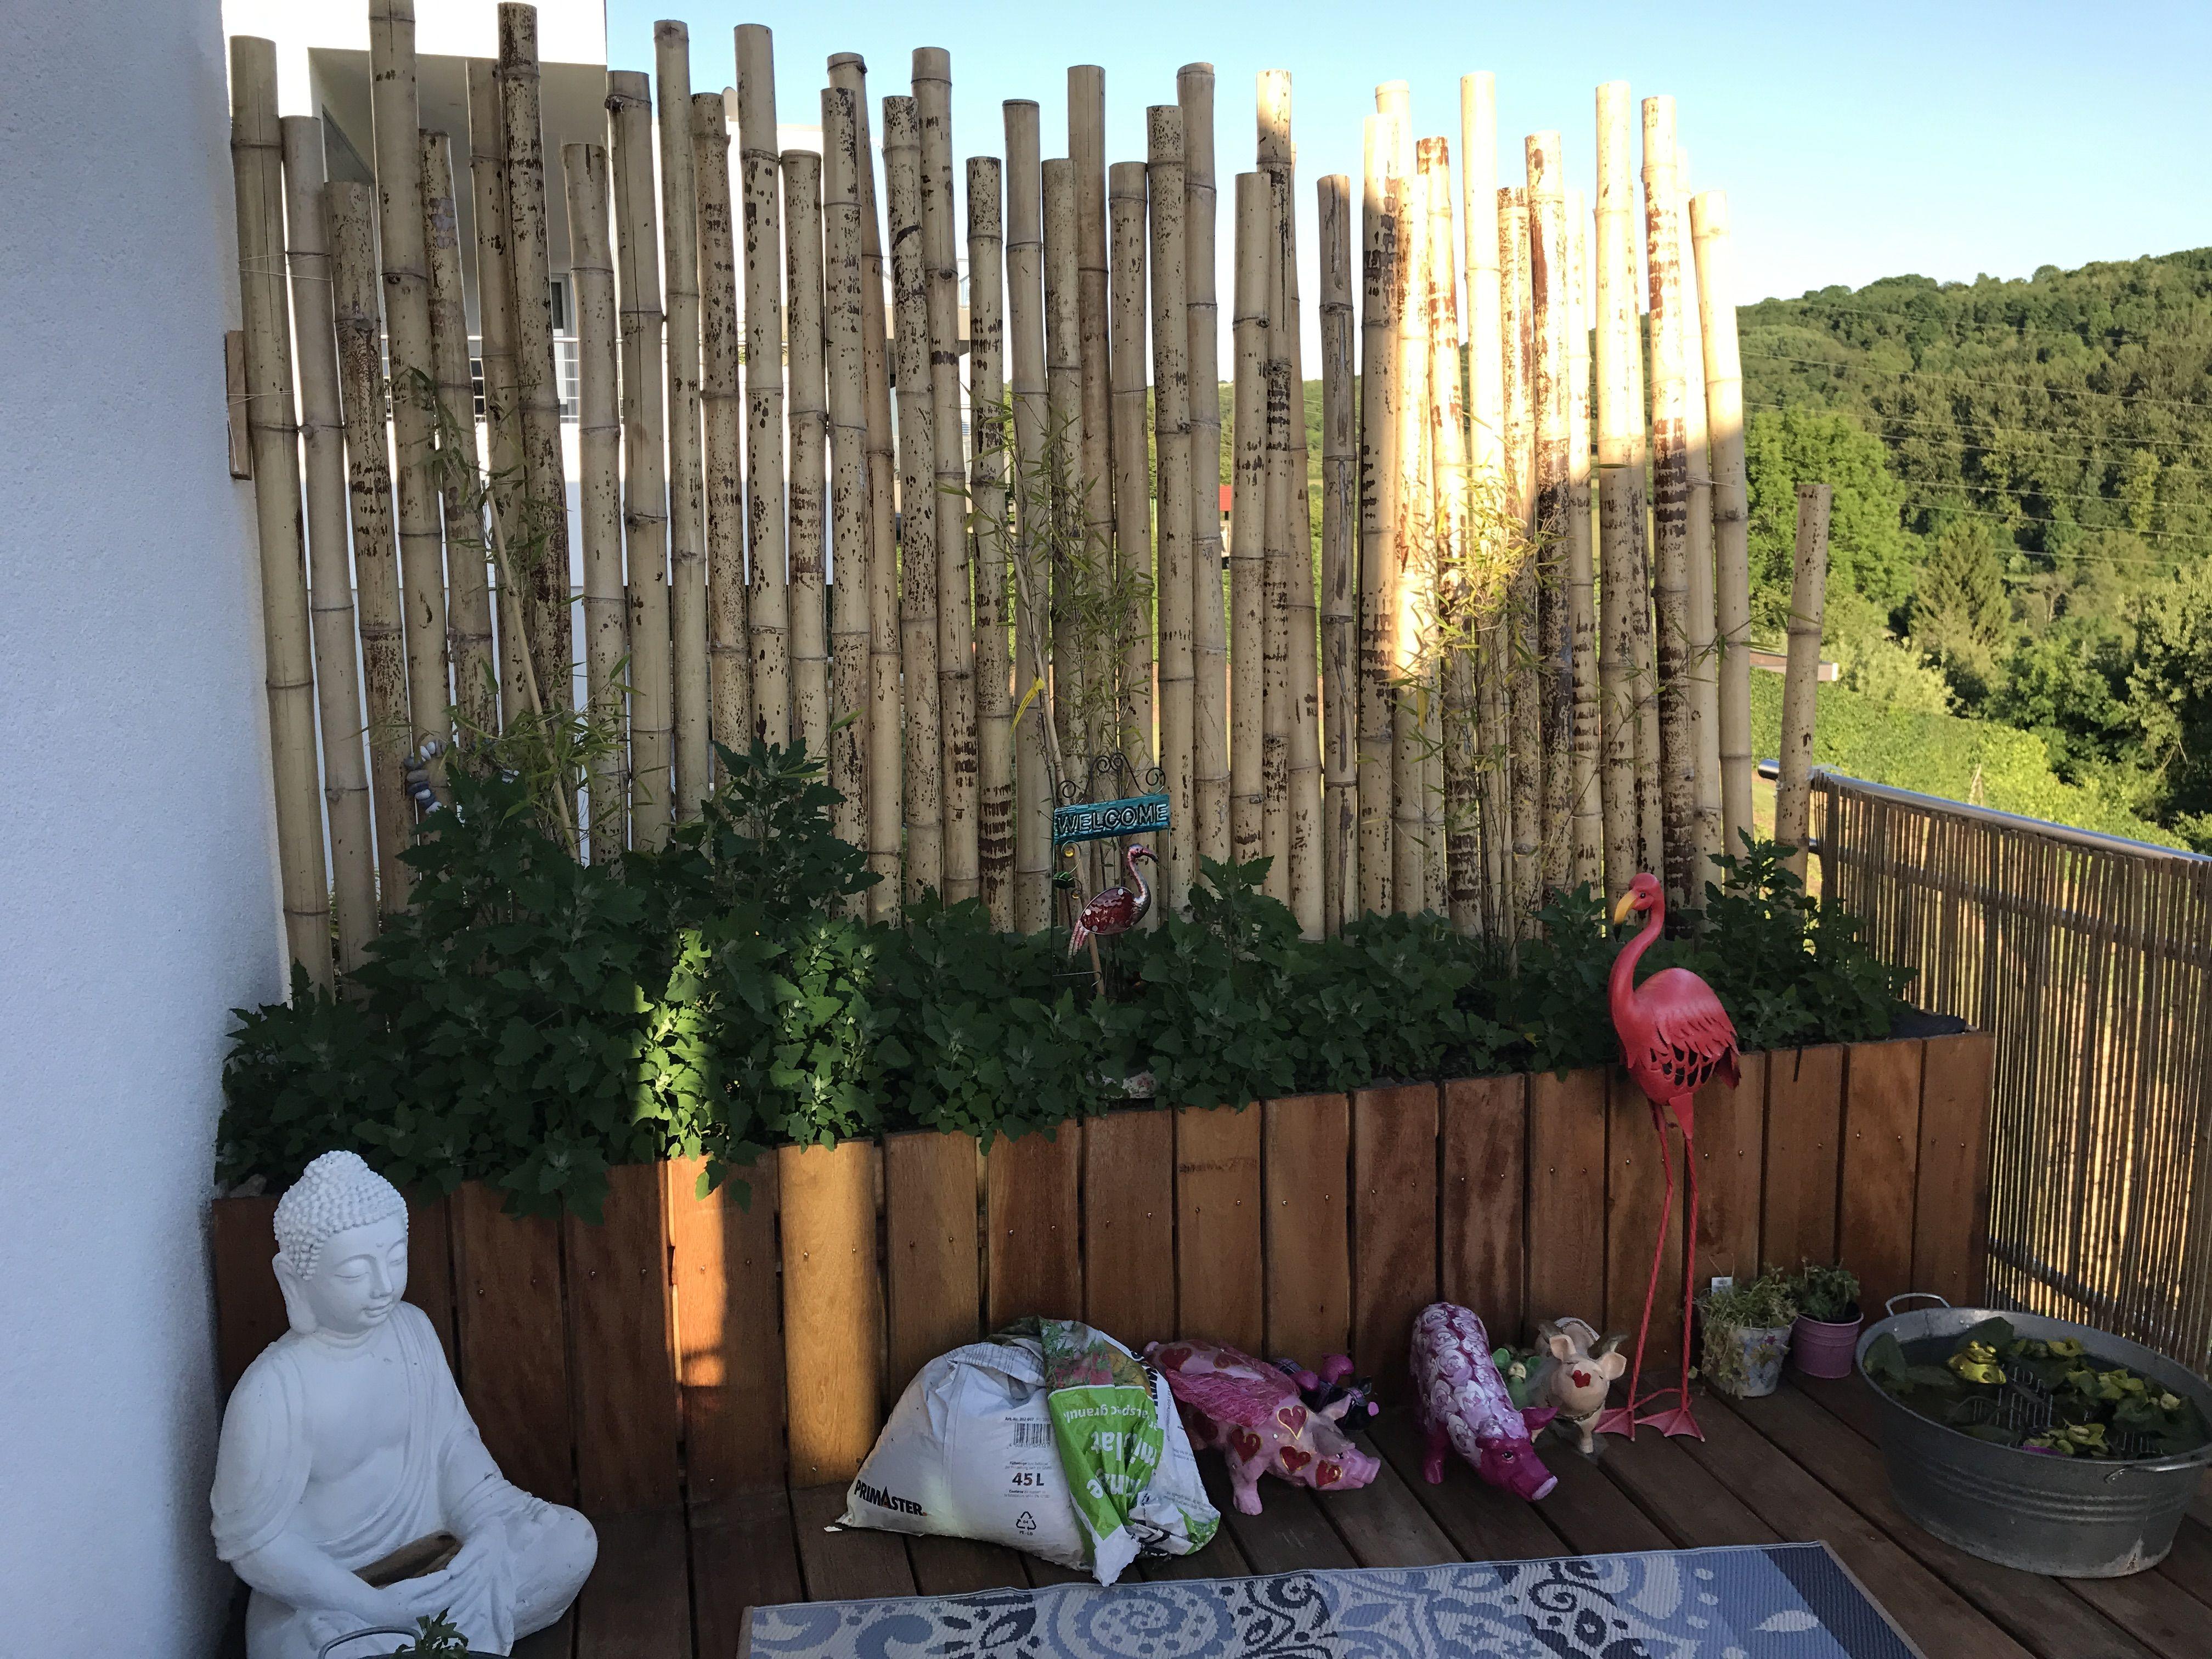 Sichtschutz aus Bambusstangen gefertigt. Holztrog mit Erde